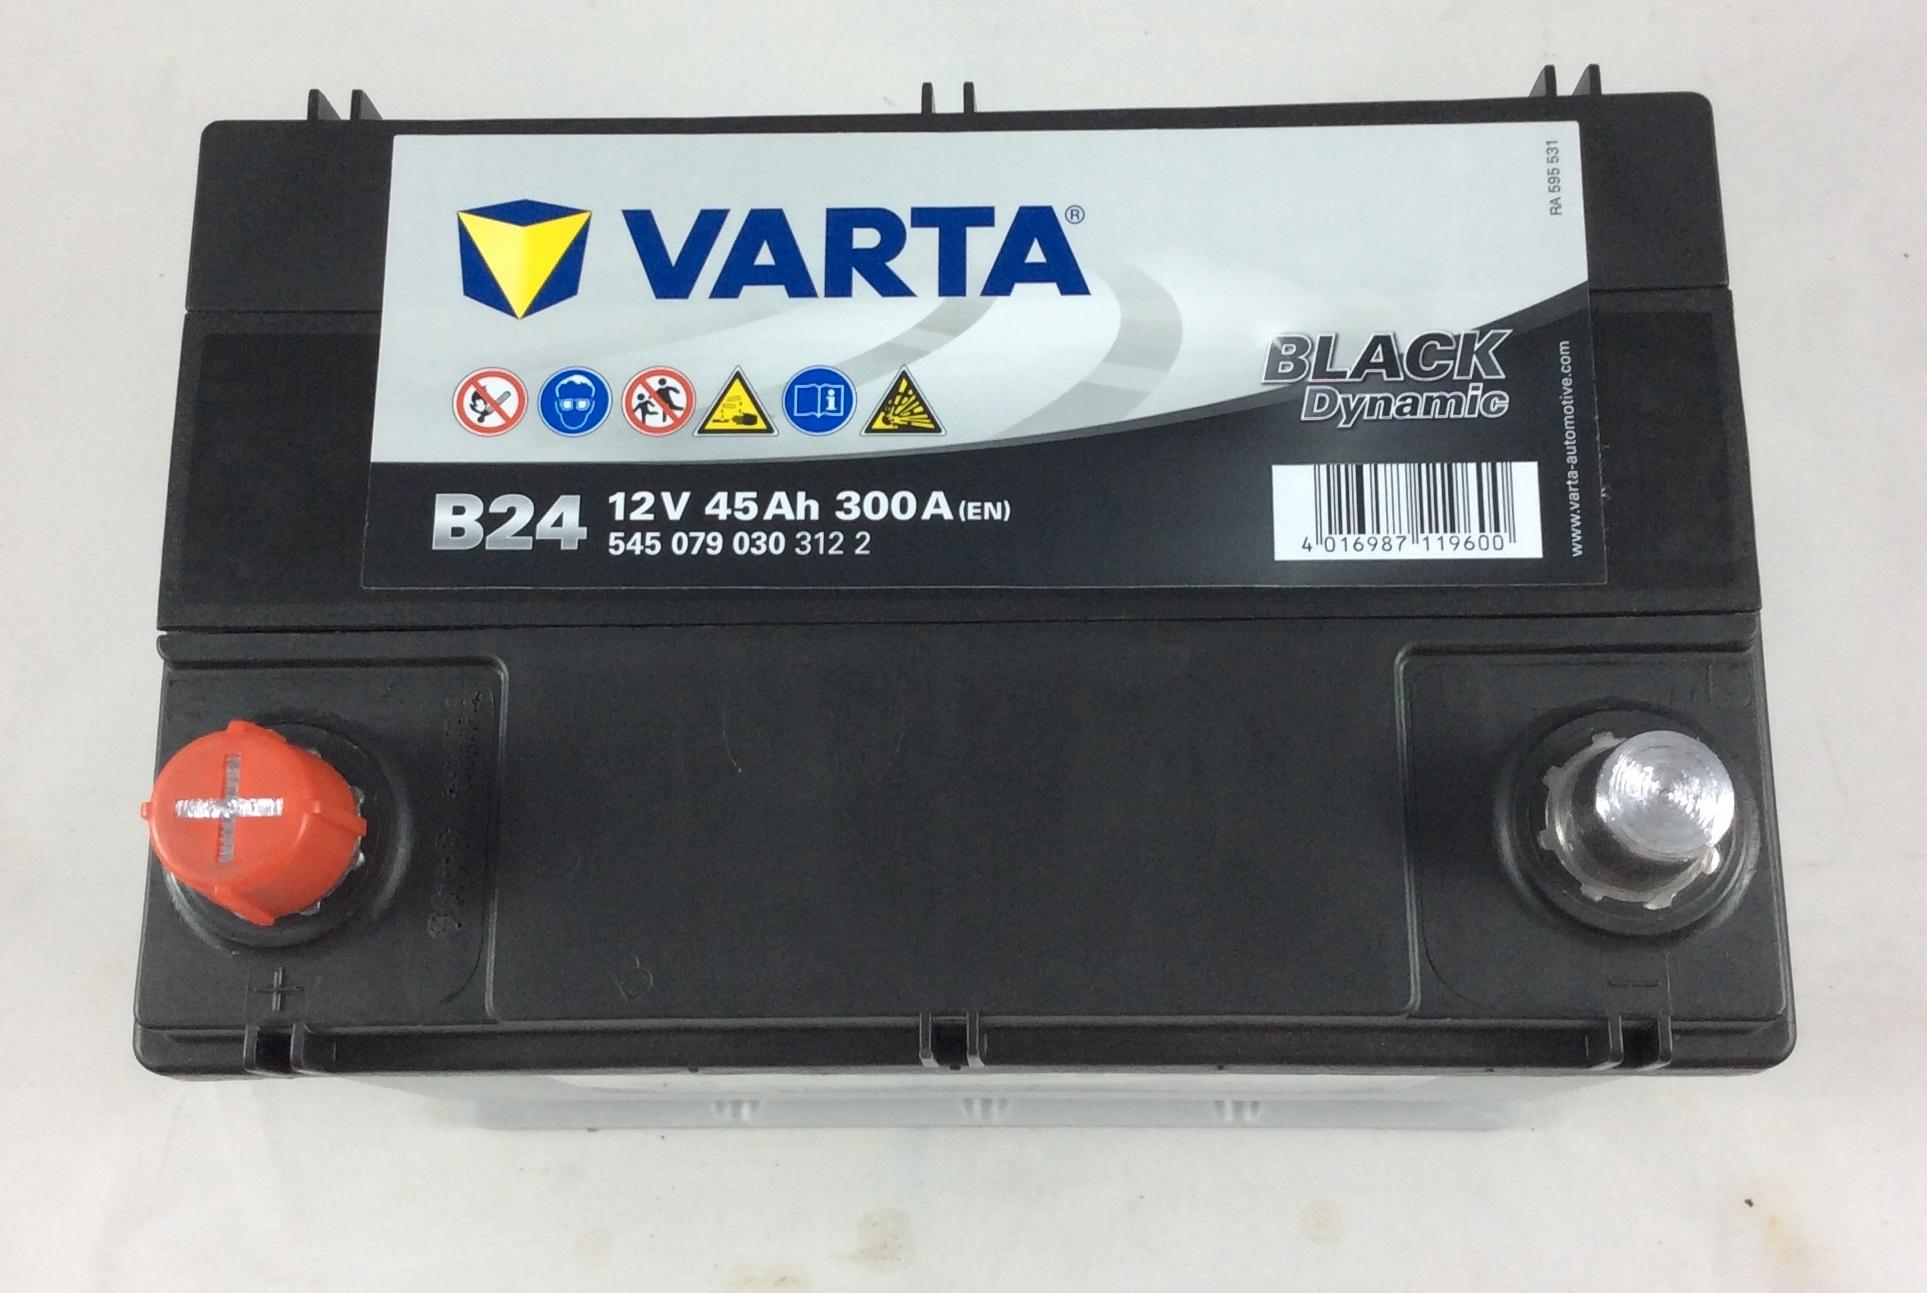 BATTERIA VARTA 12V 45AH 300A(EN) B24